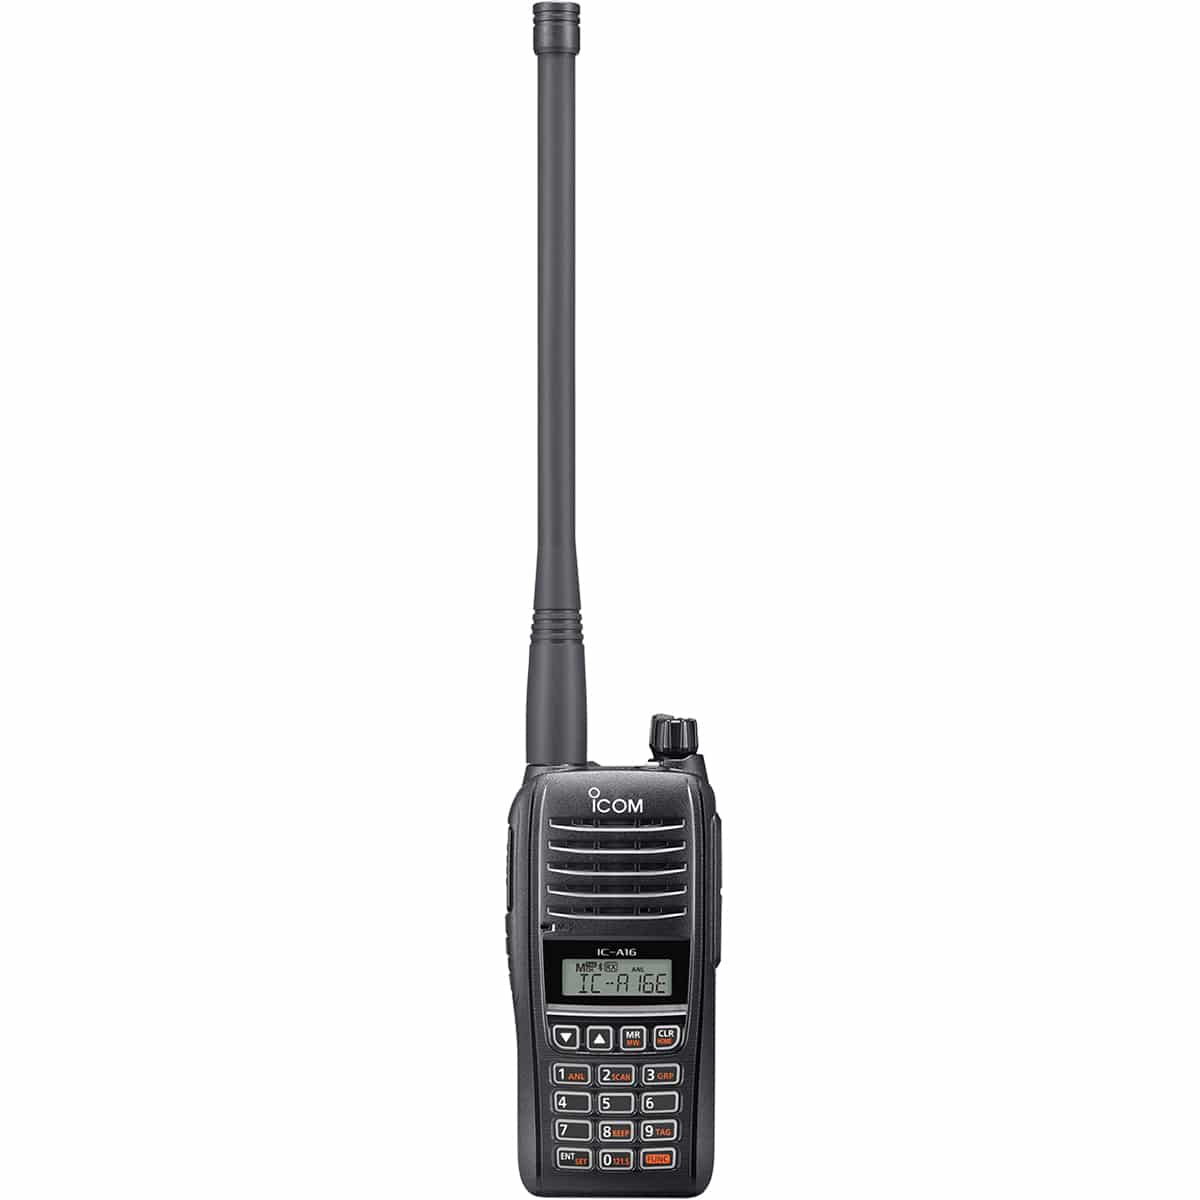 Носима авиационна радиостанция ICOM IC-A16E се спира от производство | Integra-a